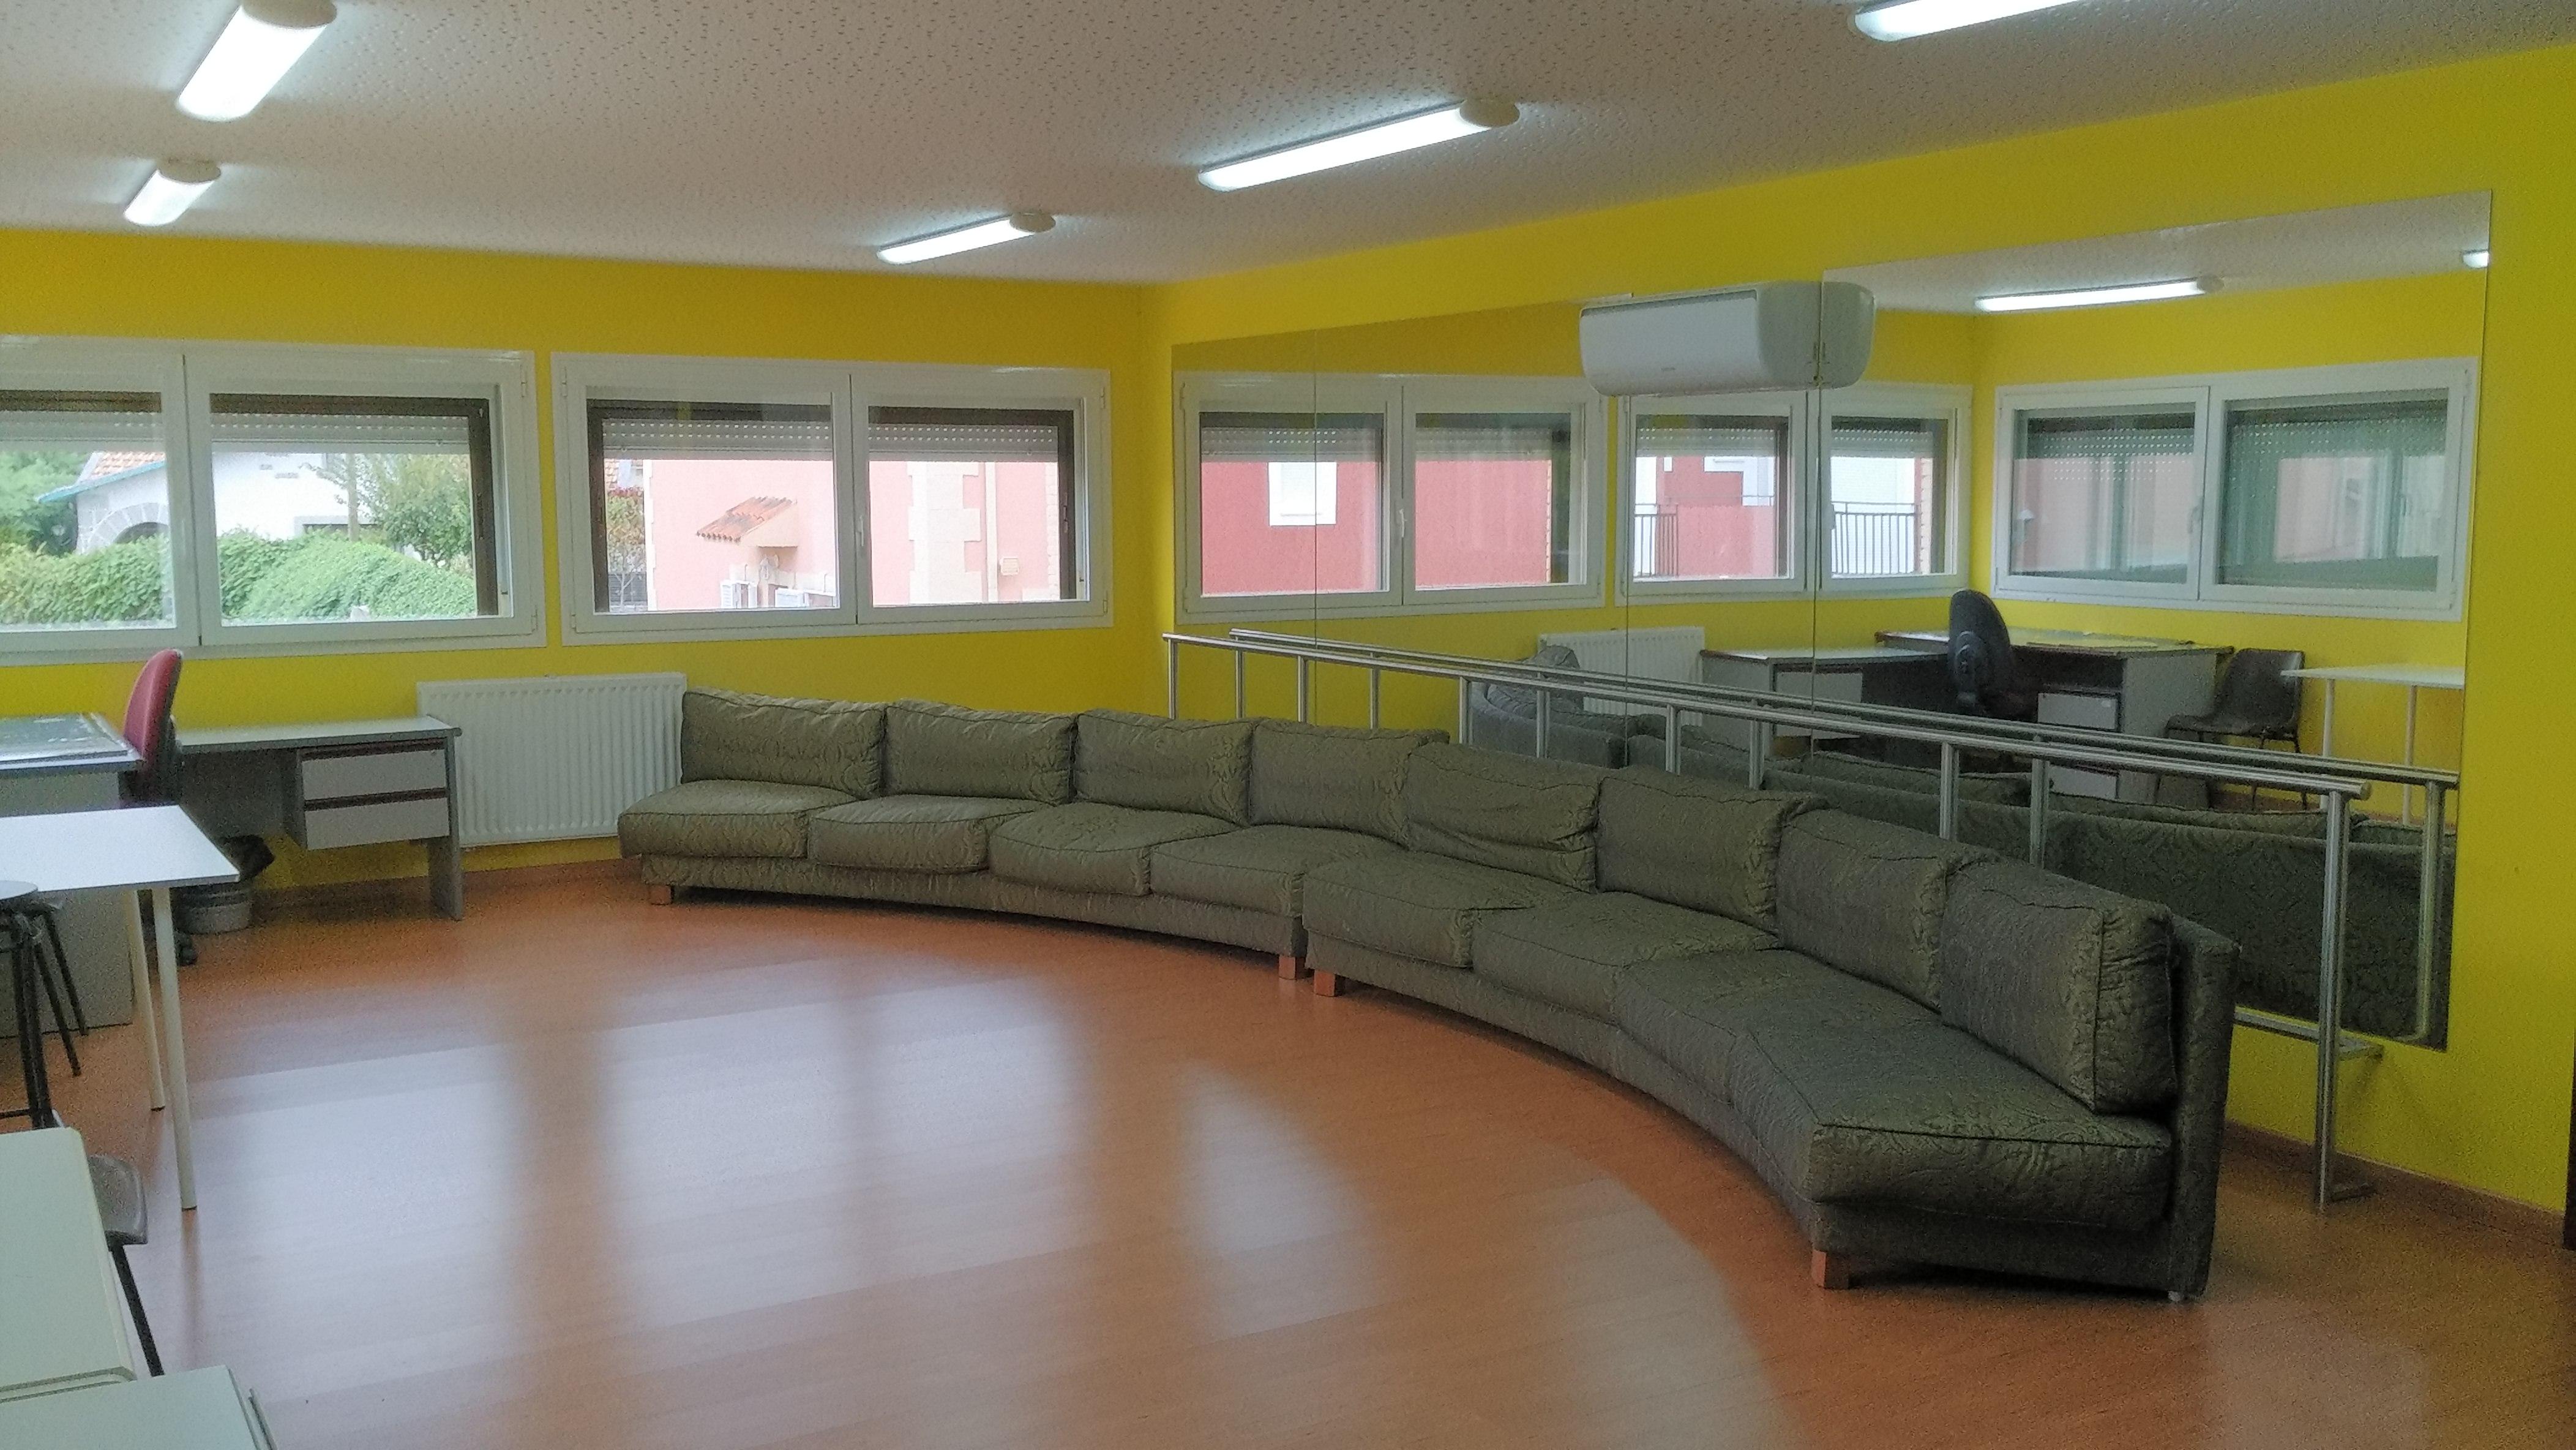 Foto de espacio para alquiler de locales para fiestas de cumpleaños en Villalba.